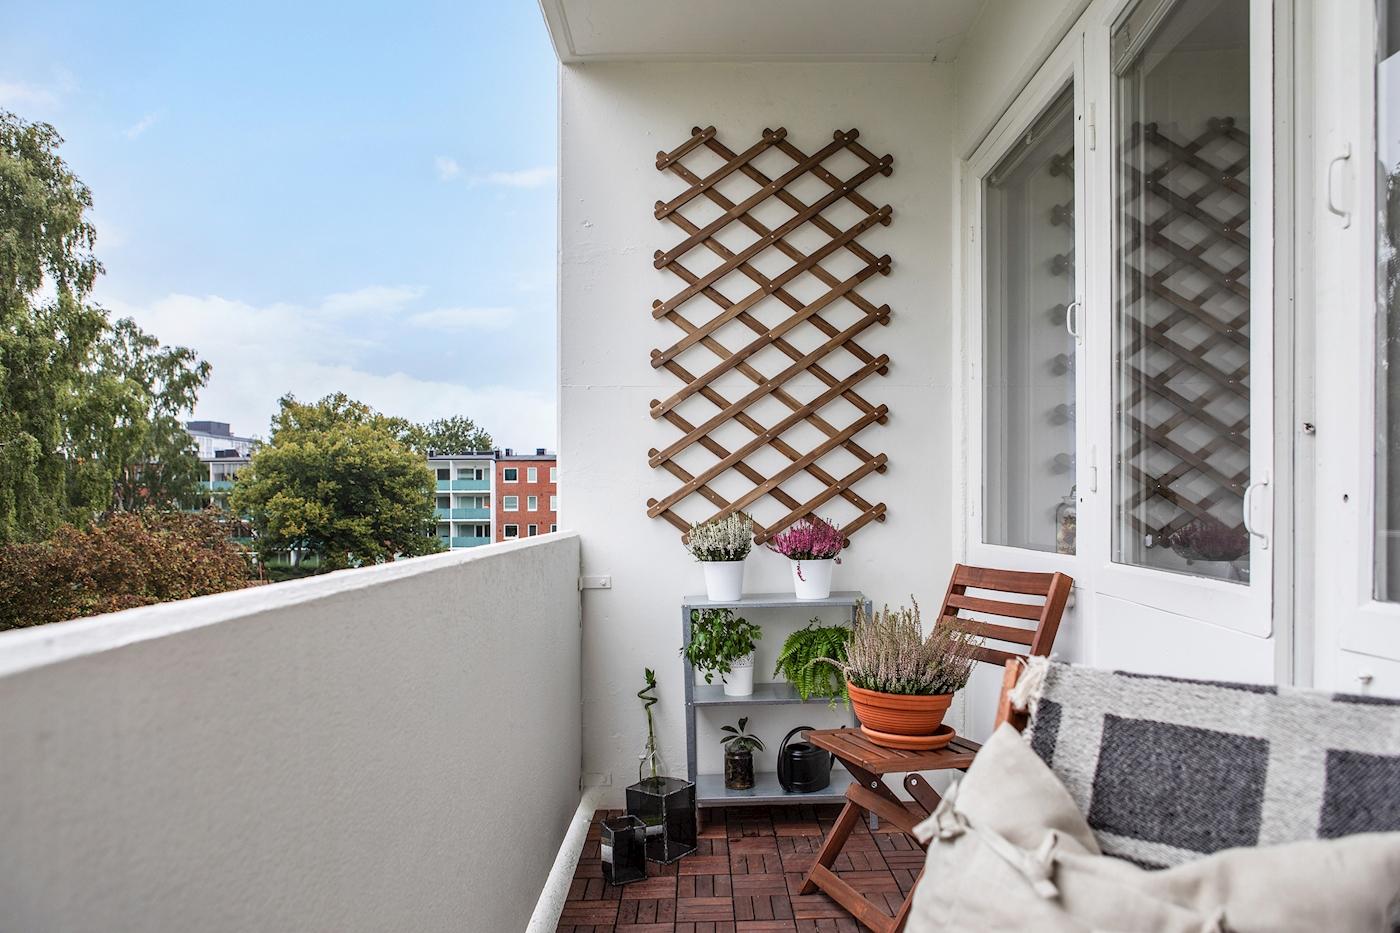 Rymlig balkong i västerläge med fri utsikt över gården.